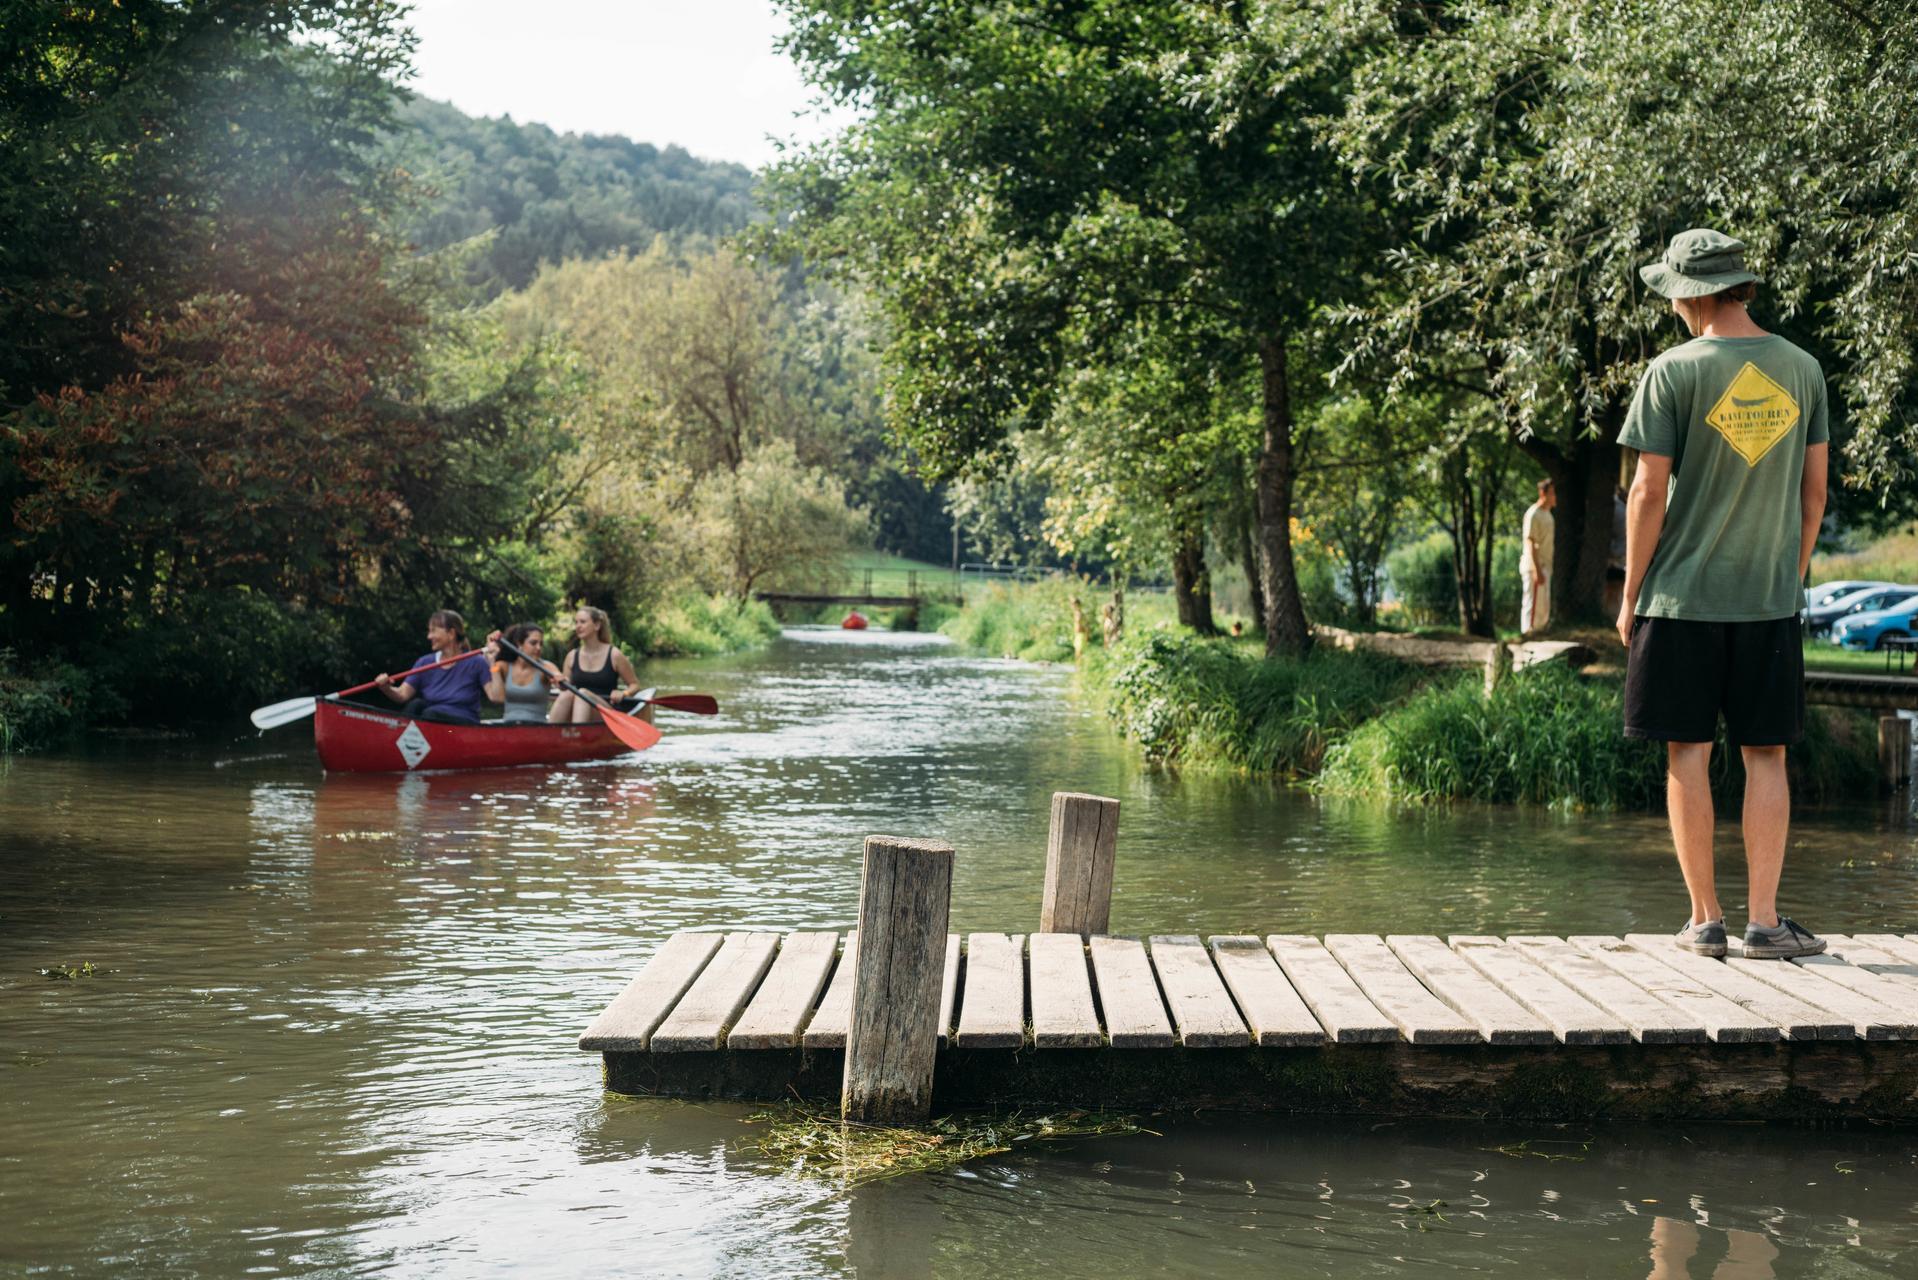 Auf einem Steg an einem Fluss steht eine Person mit Hut und blickt zu einem Kanu mit drei Personen, die gerade vorbei paddeln. Am Ufer sind Bäume und Pflanzen.